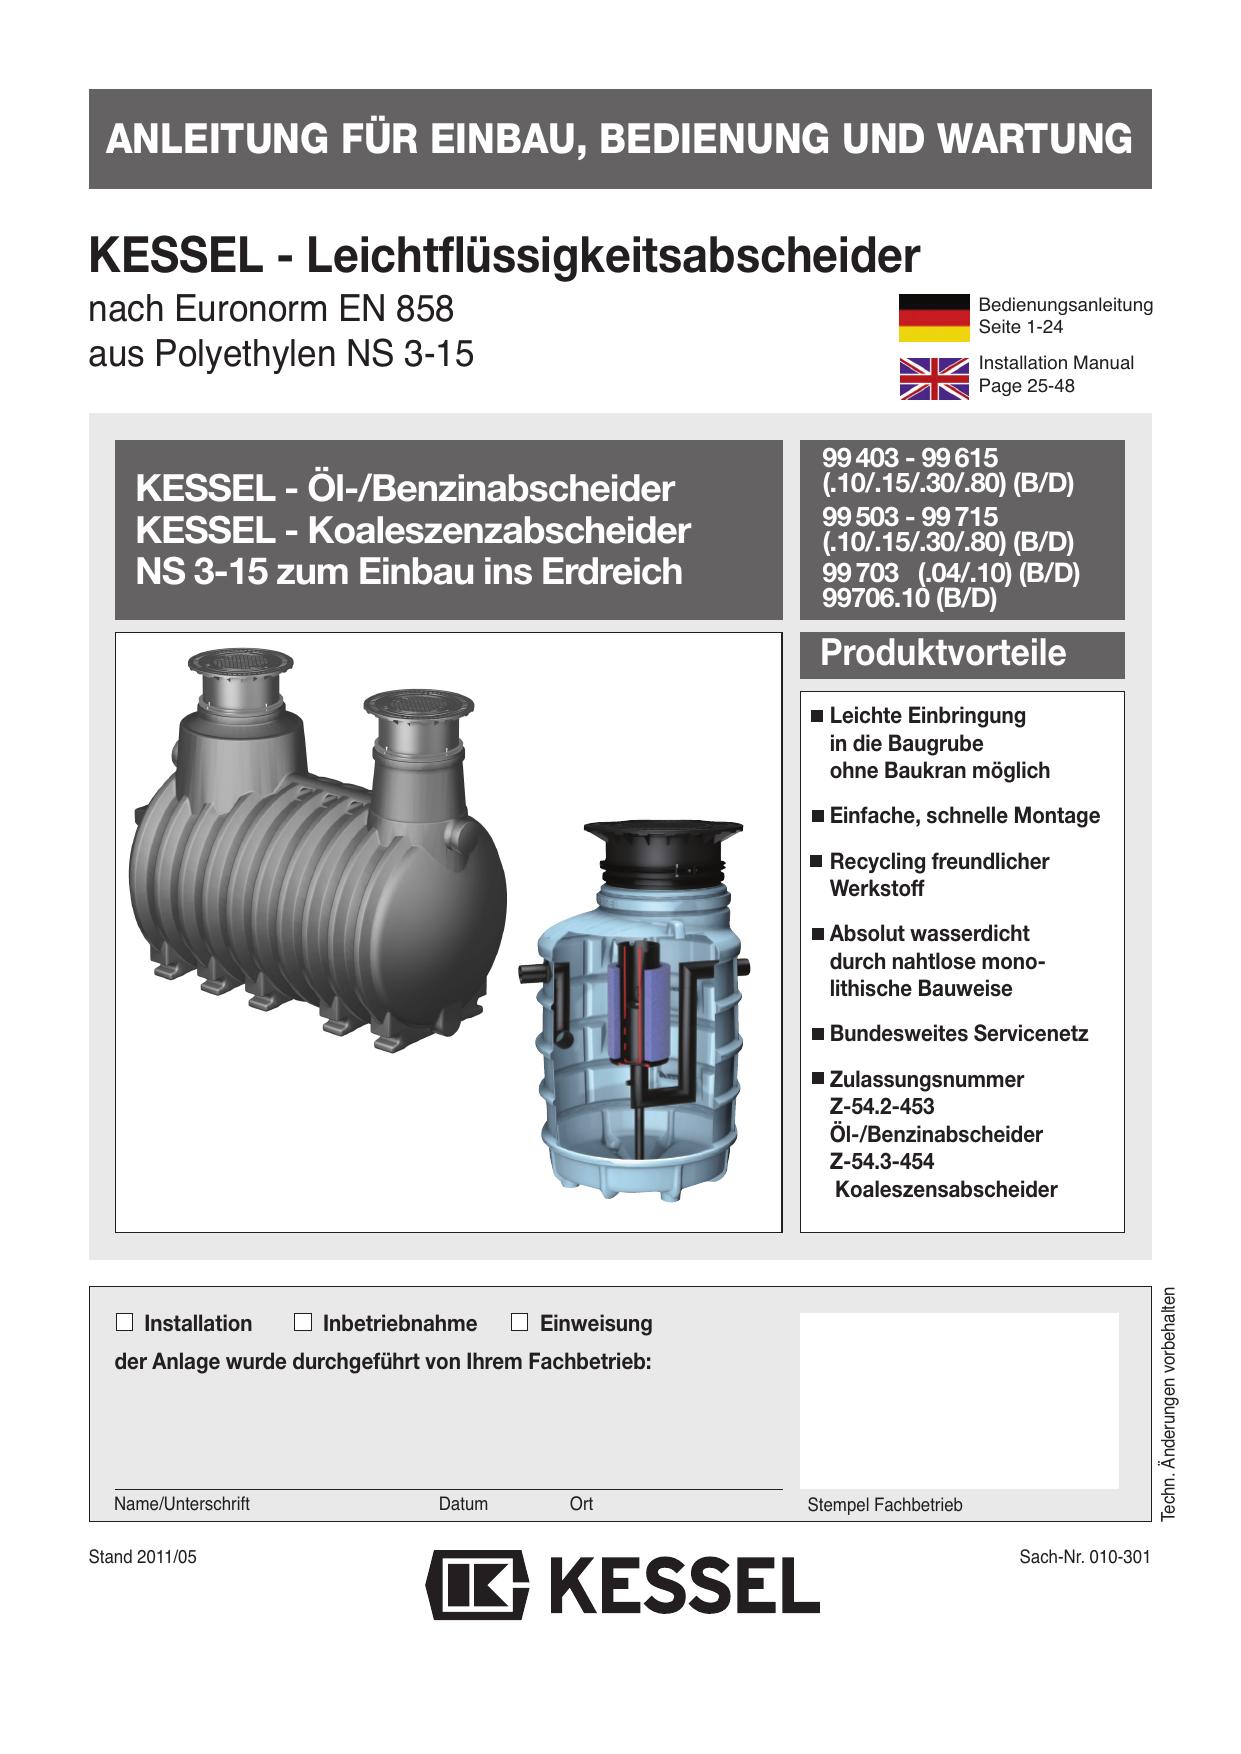 Charmant 3 Kessel übergeben Bilder - Elektrische Schaltplan-Ideen ...